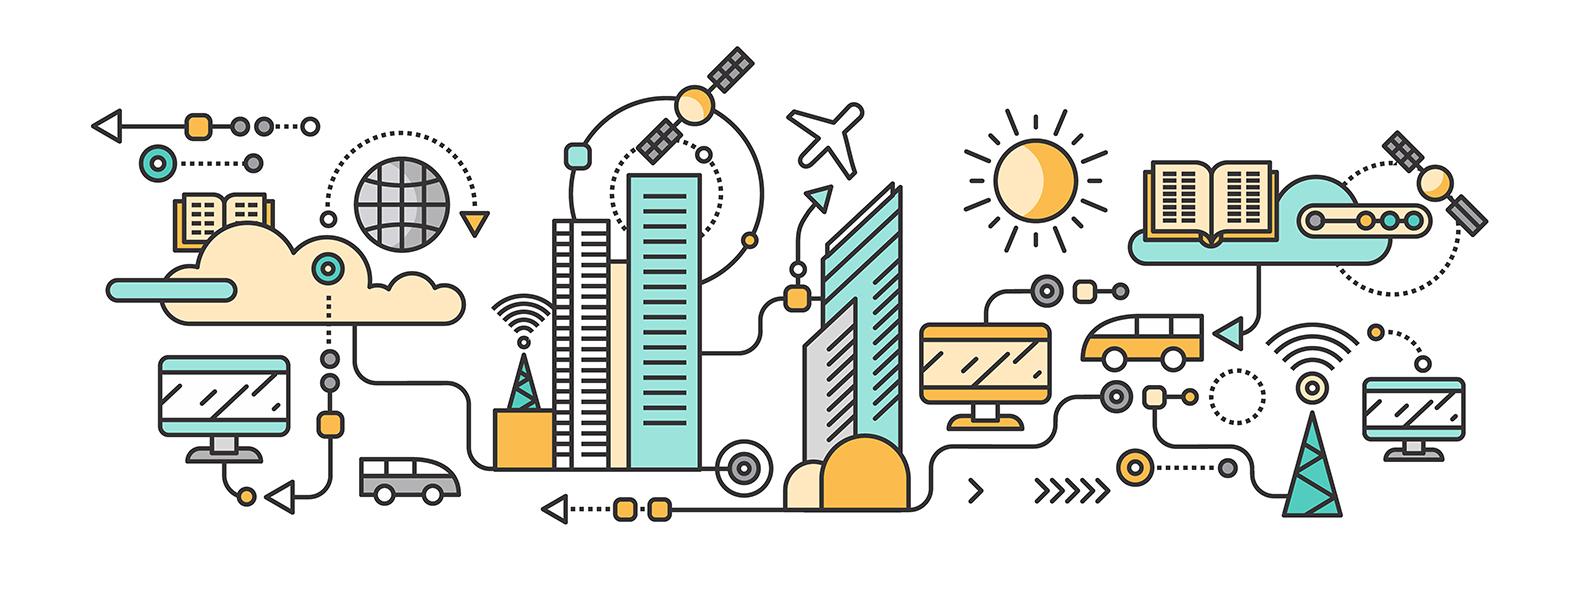 умные города картинки для презентации новиков его